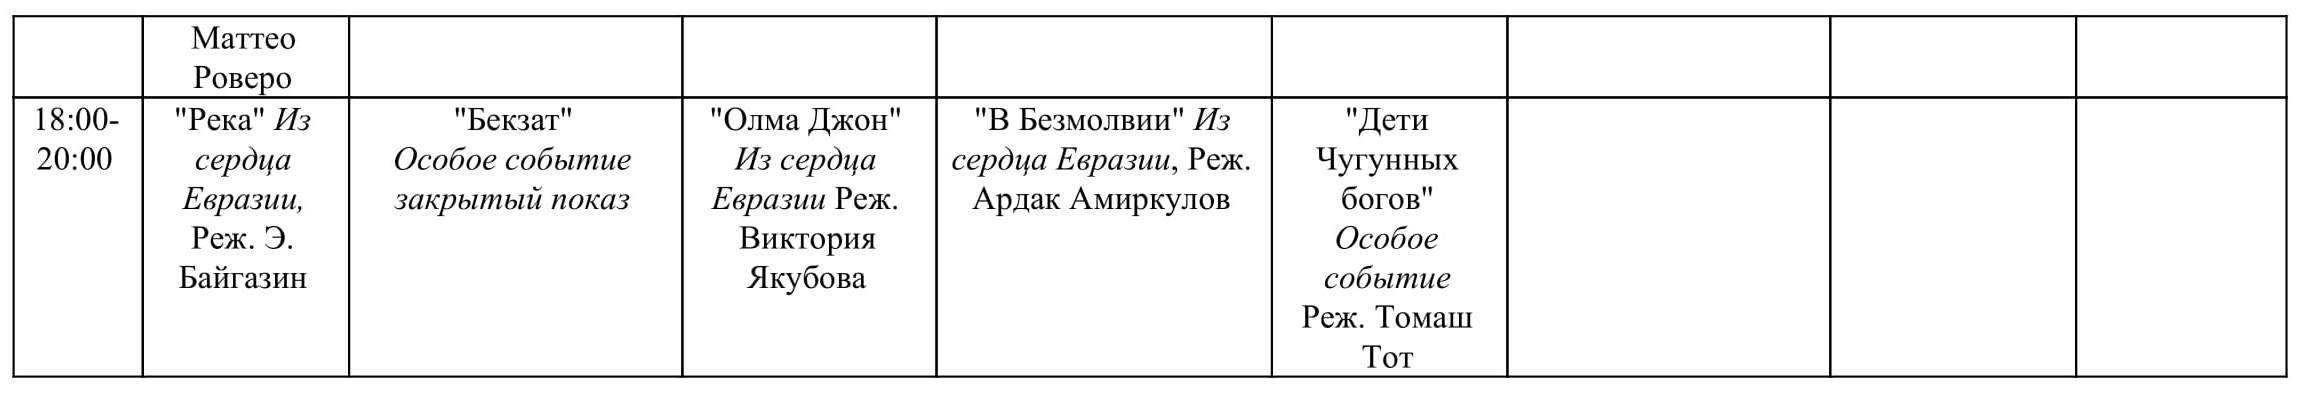 20.06 СЕТКА ПОКАЗОВ.docx-3